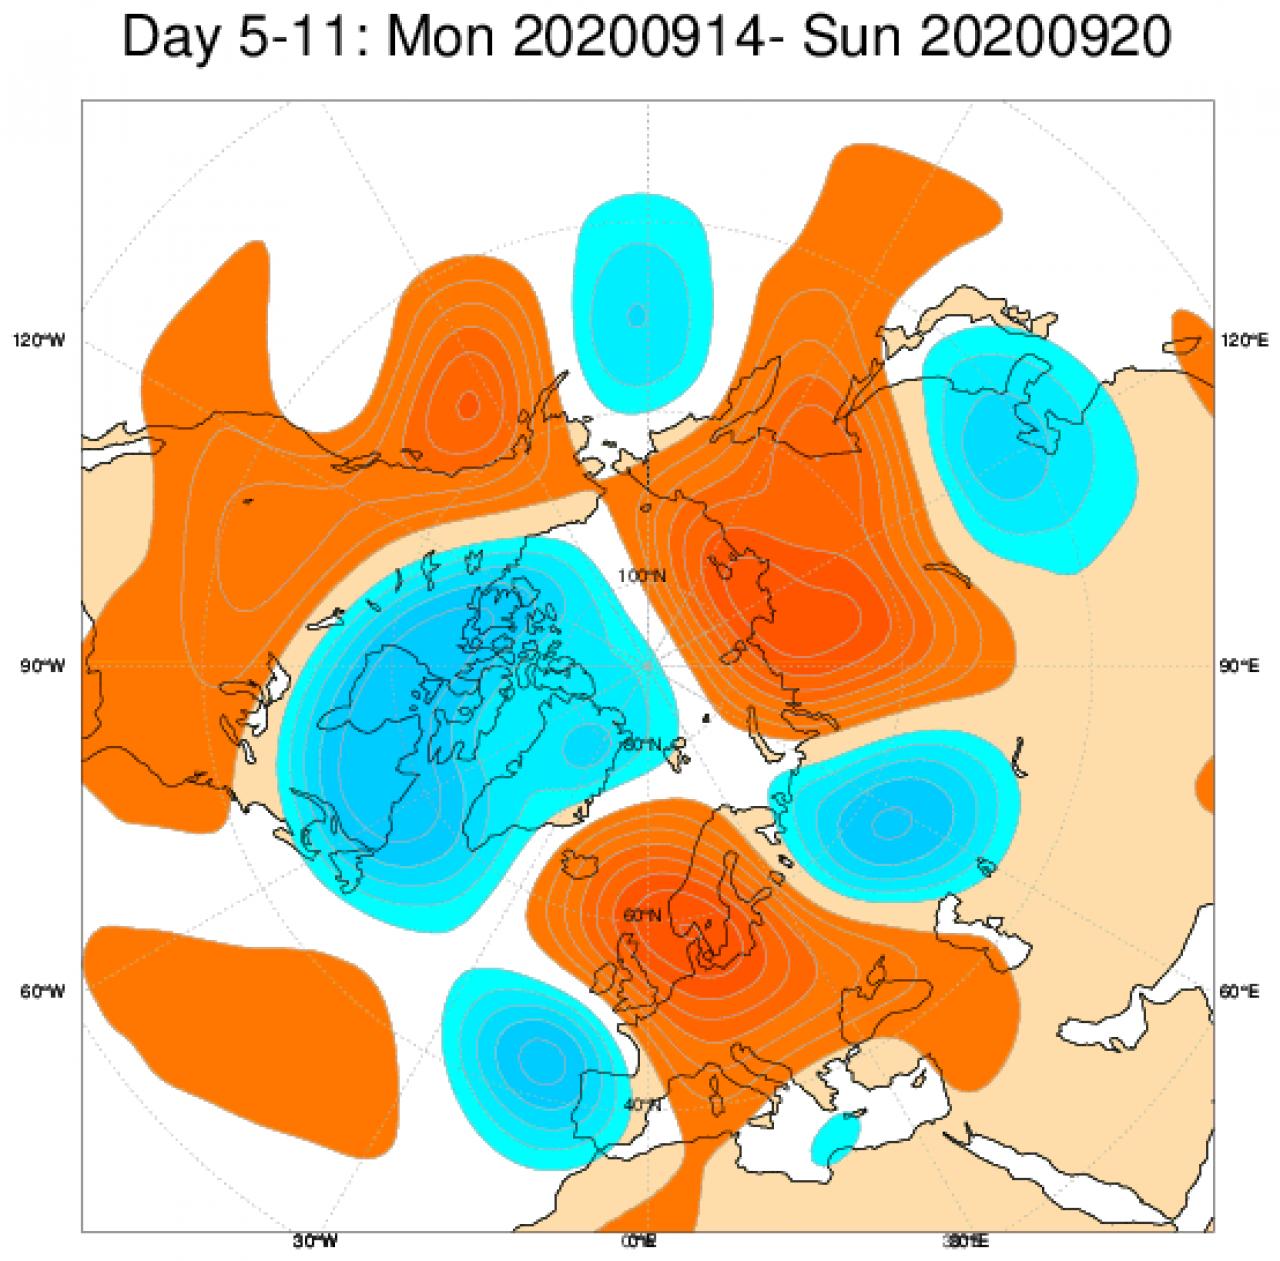 Le anomalie di geopotenziale a 500hPa secondo il modello ECMWF mediate nel periodo 14-20 settembre